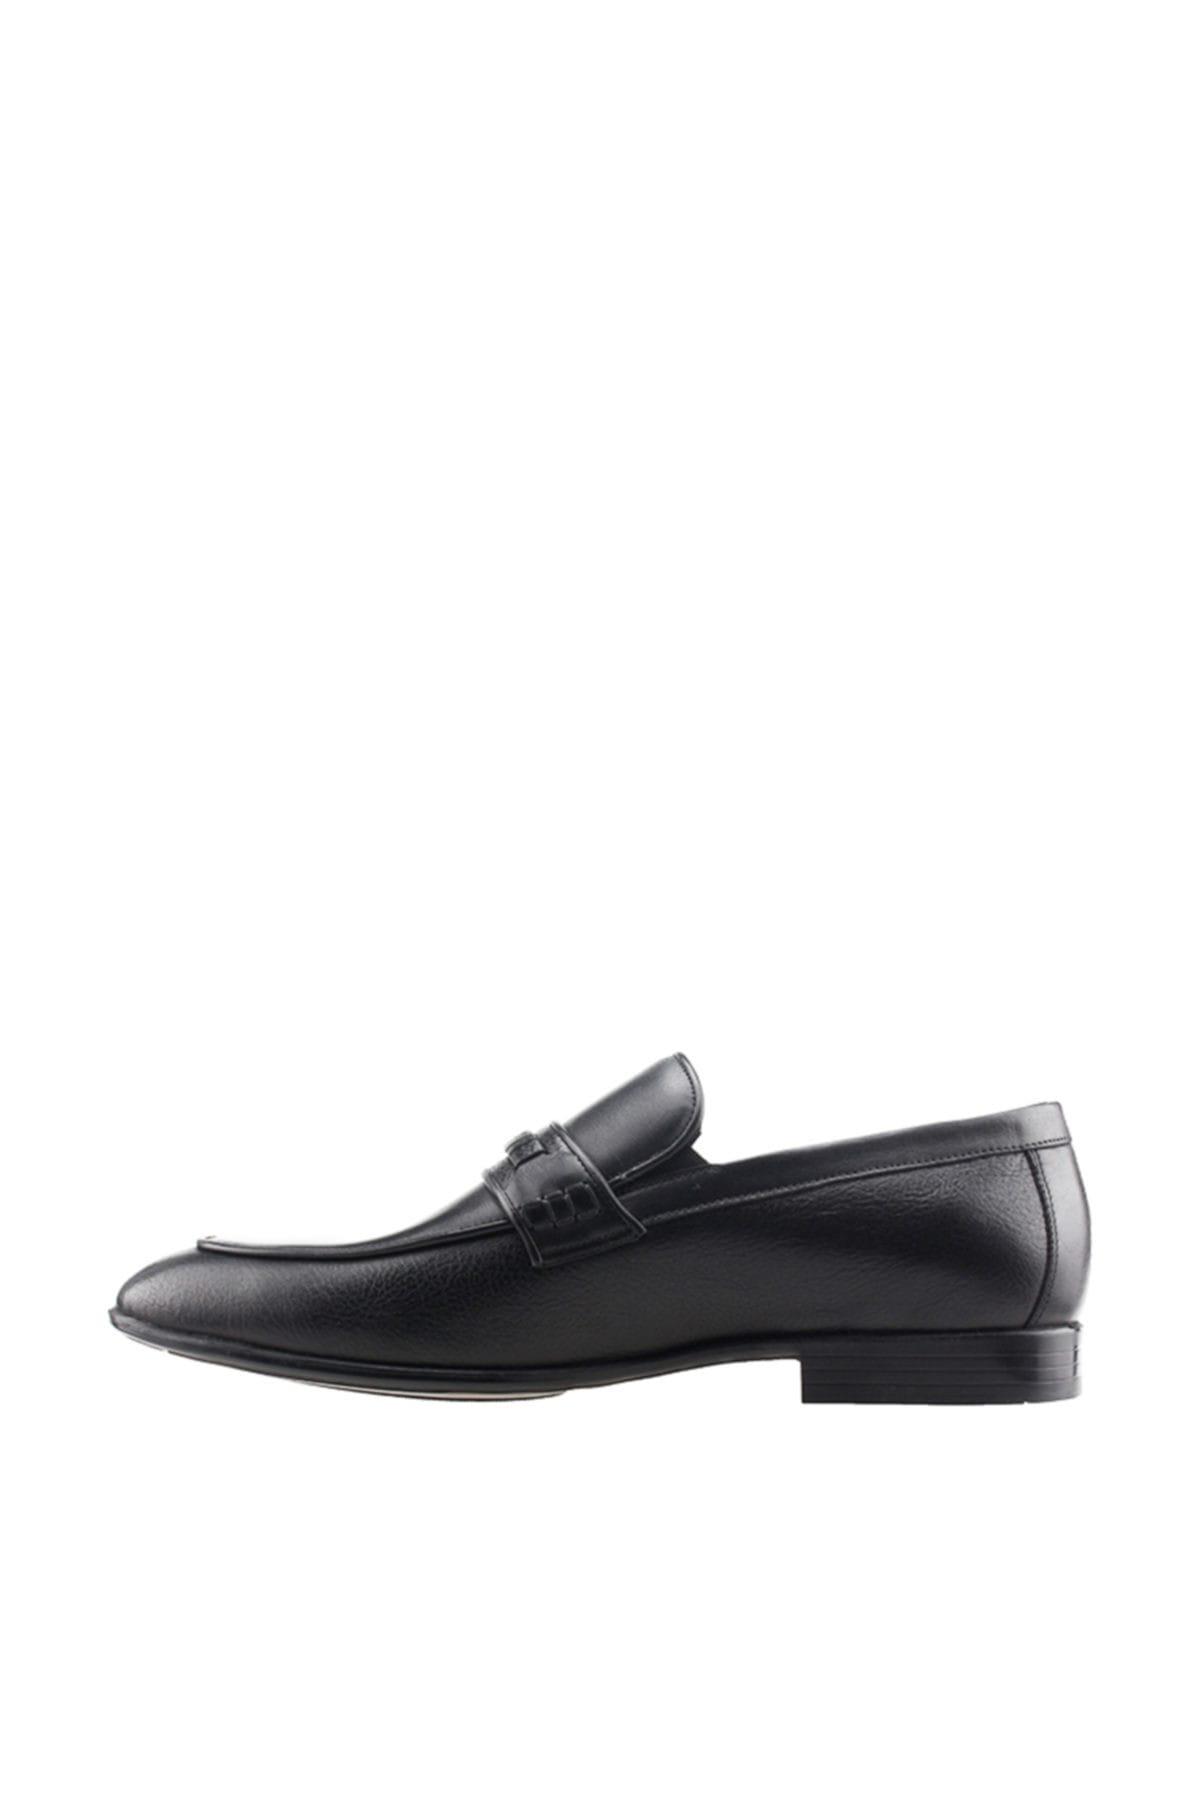 Pierre Cardin Siyah Erkek Oxford Ayakkabı 19YAYPCAR000003 2